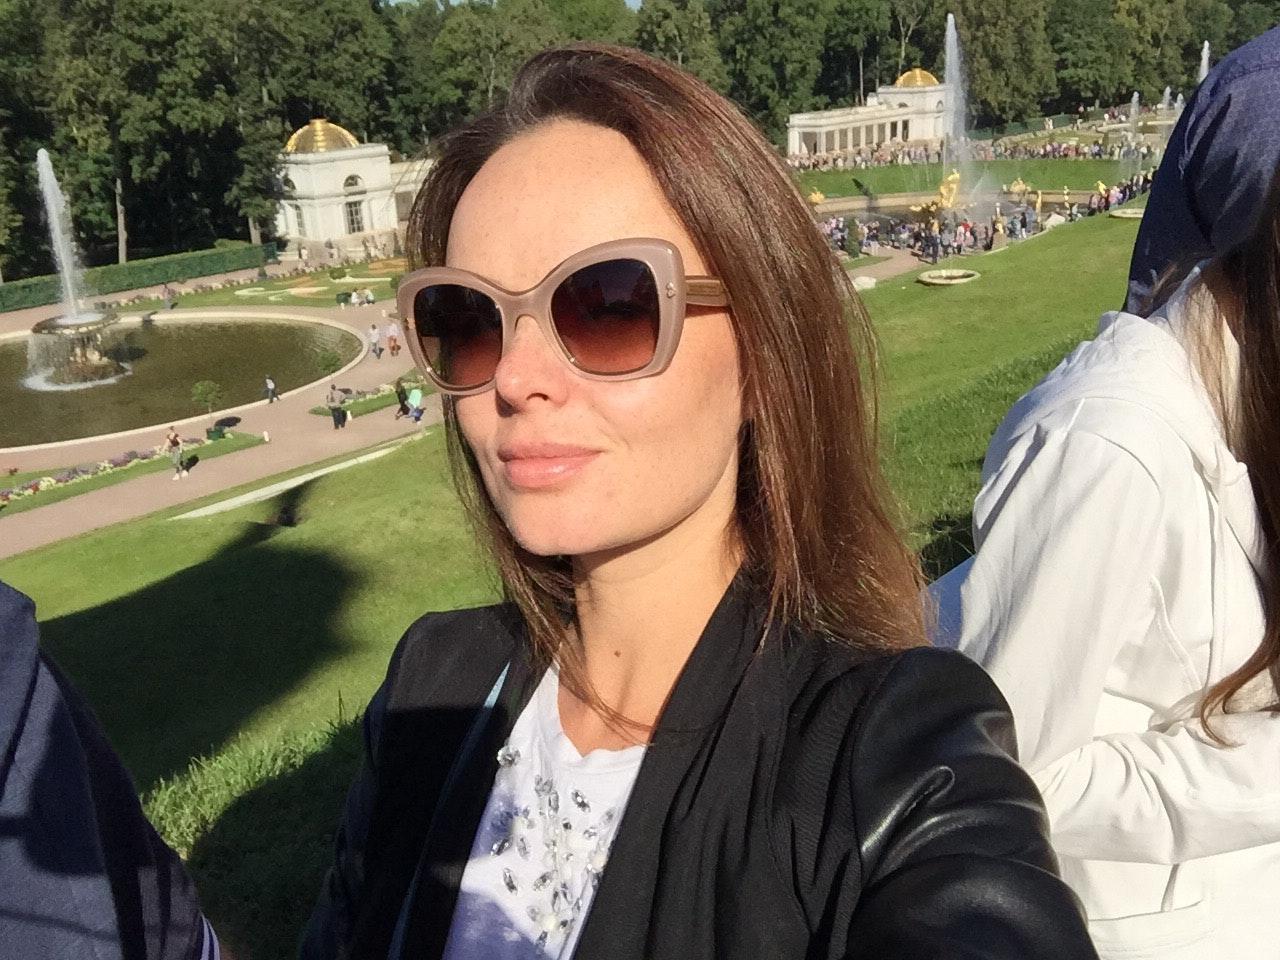 Yulia Honein